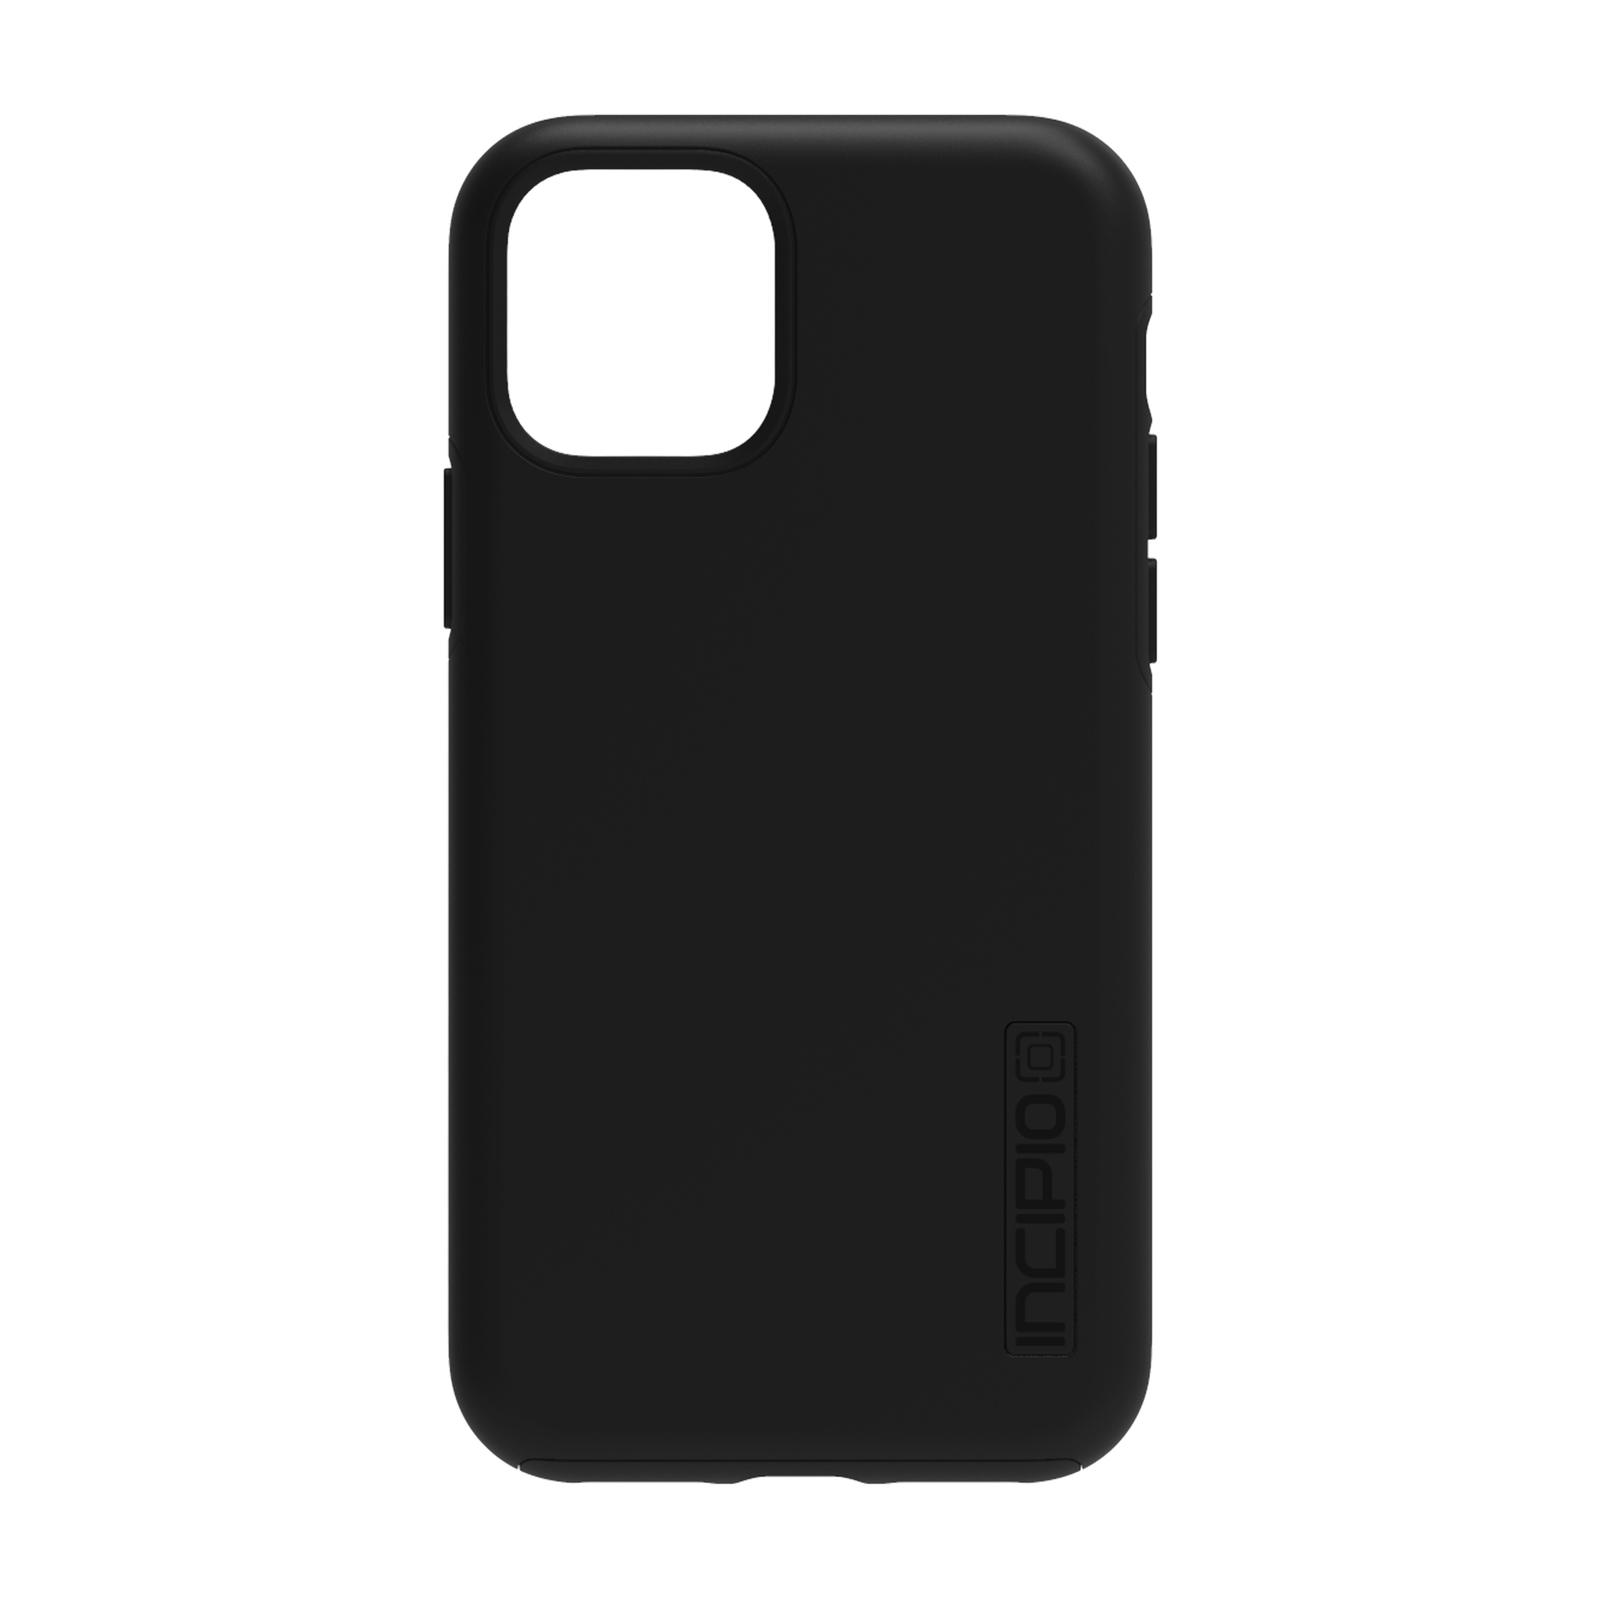 Incipio: DualPro for iPhone 11 Pro - Black image